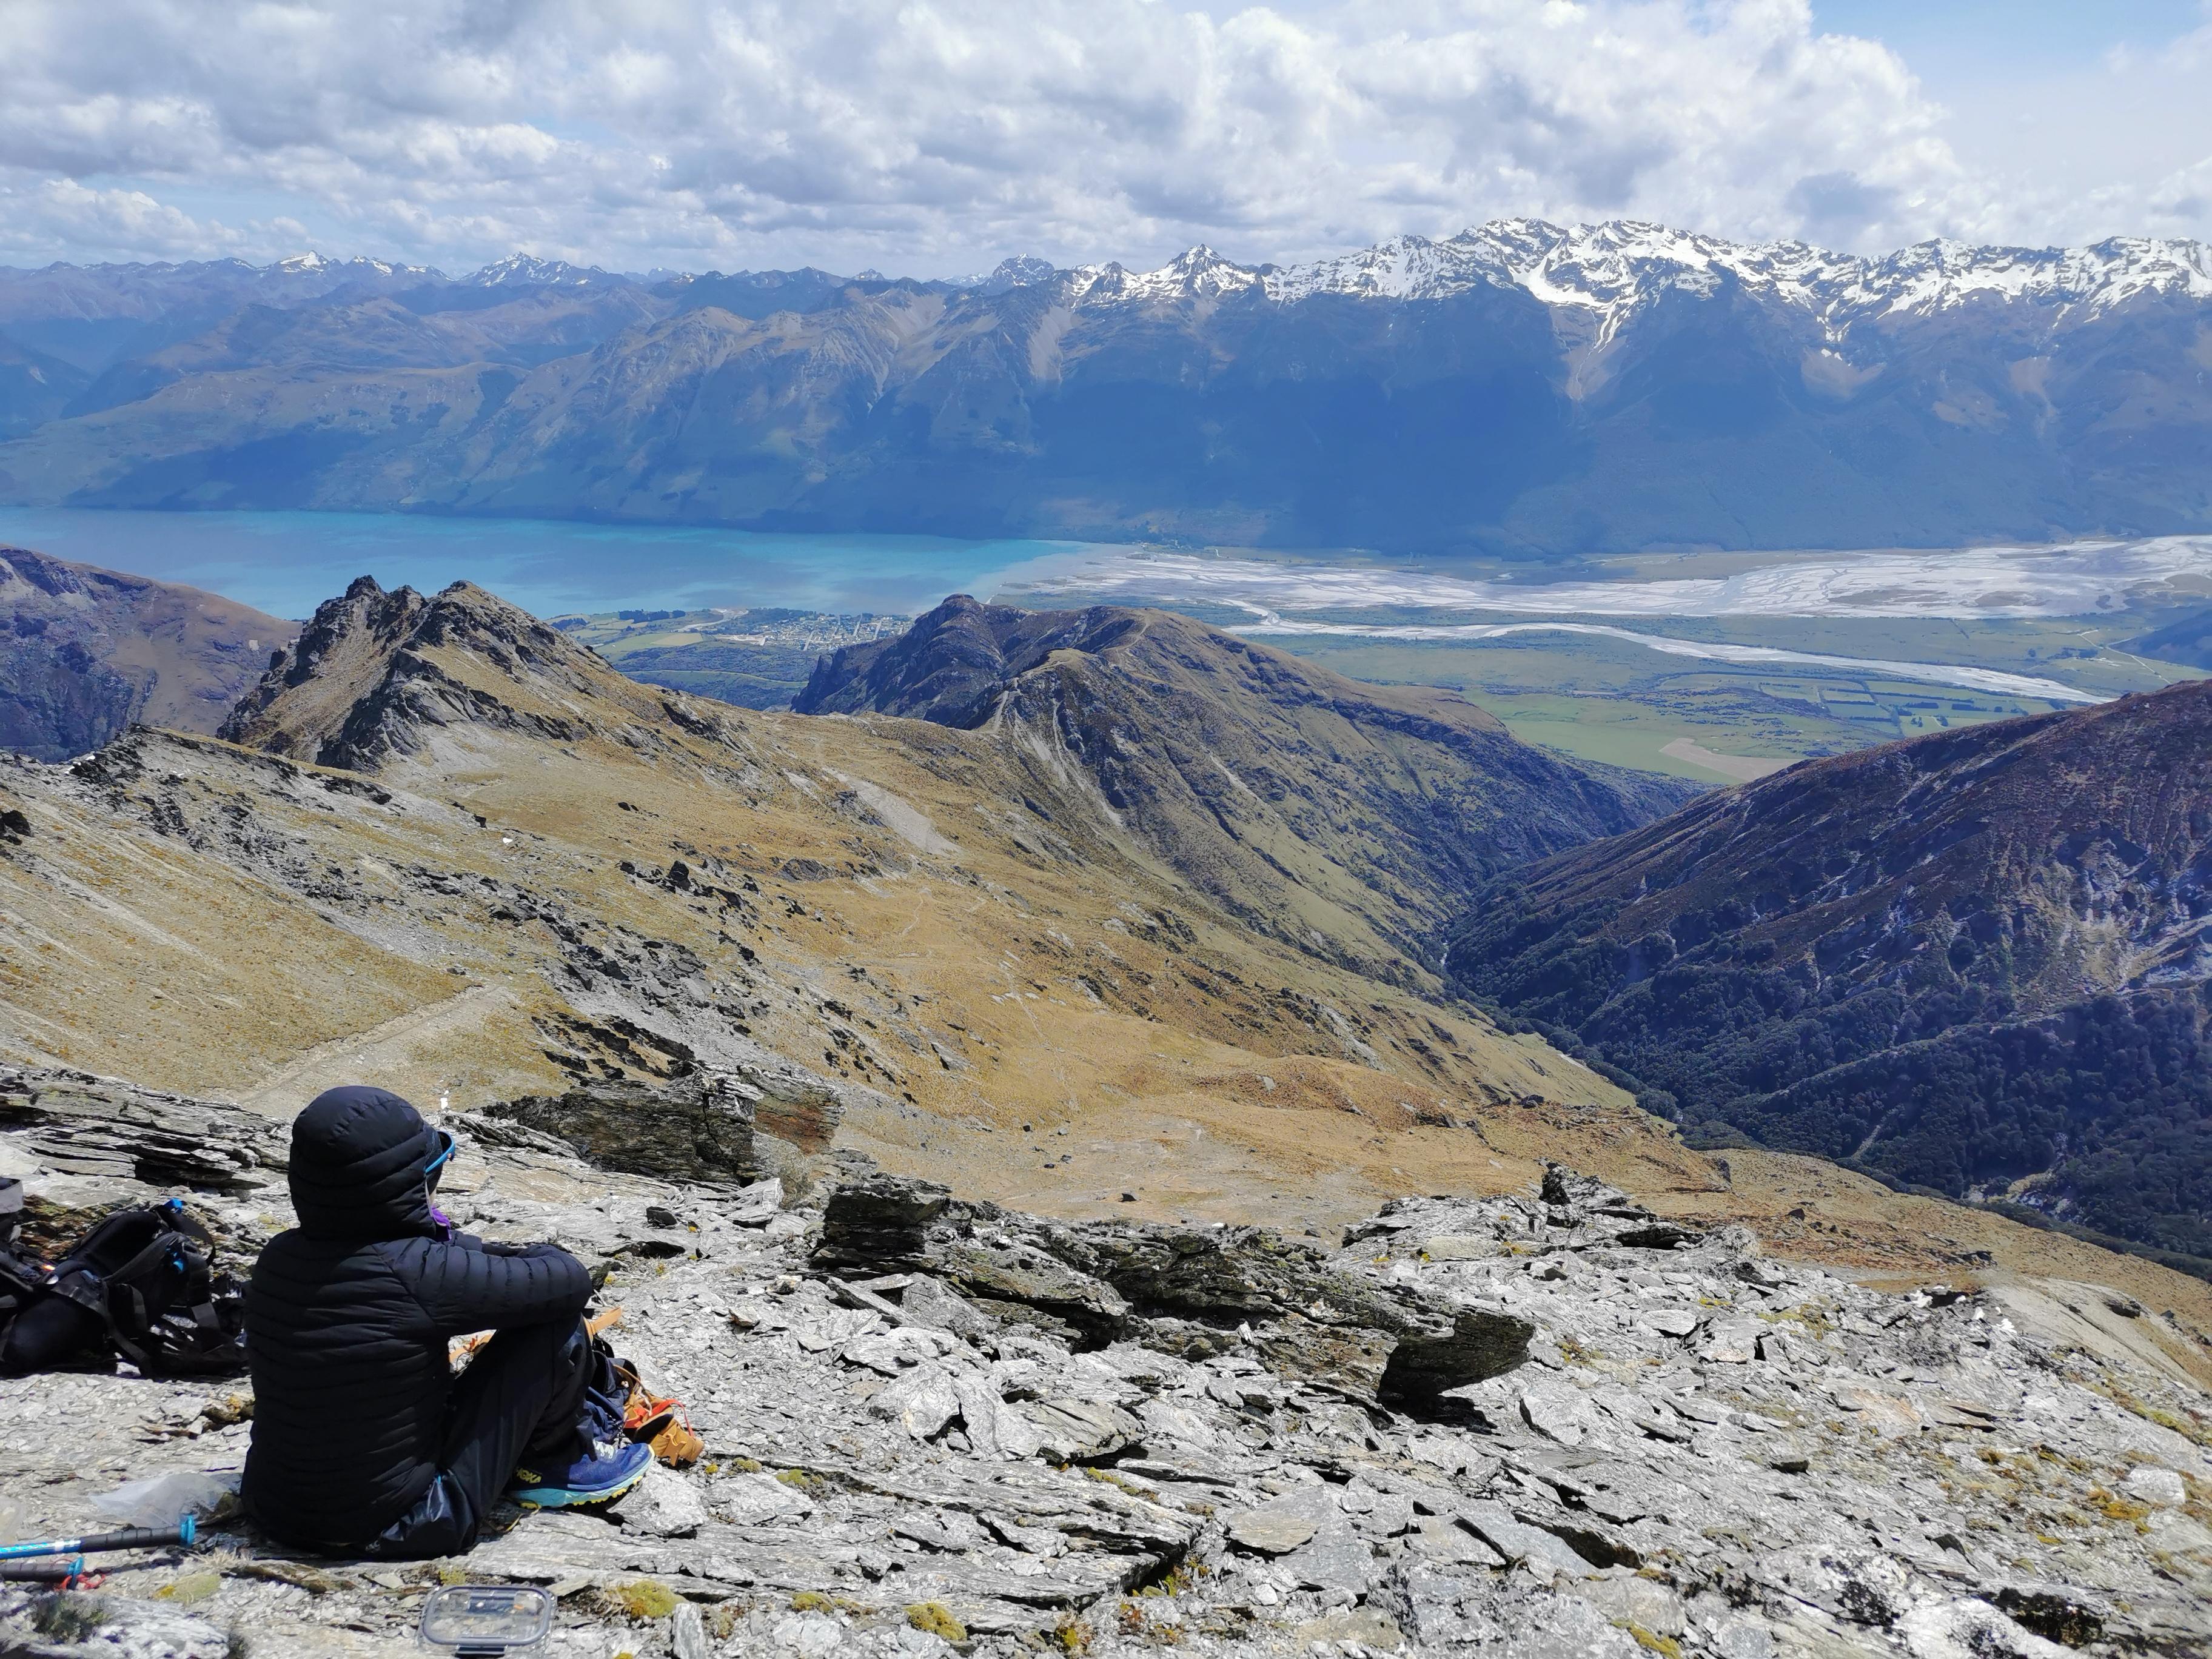 vue-sur-les-montagnes-nouvelle-zelande